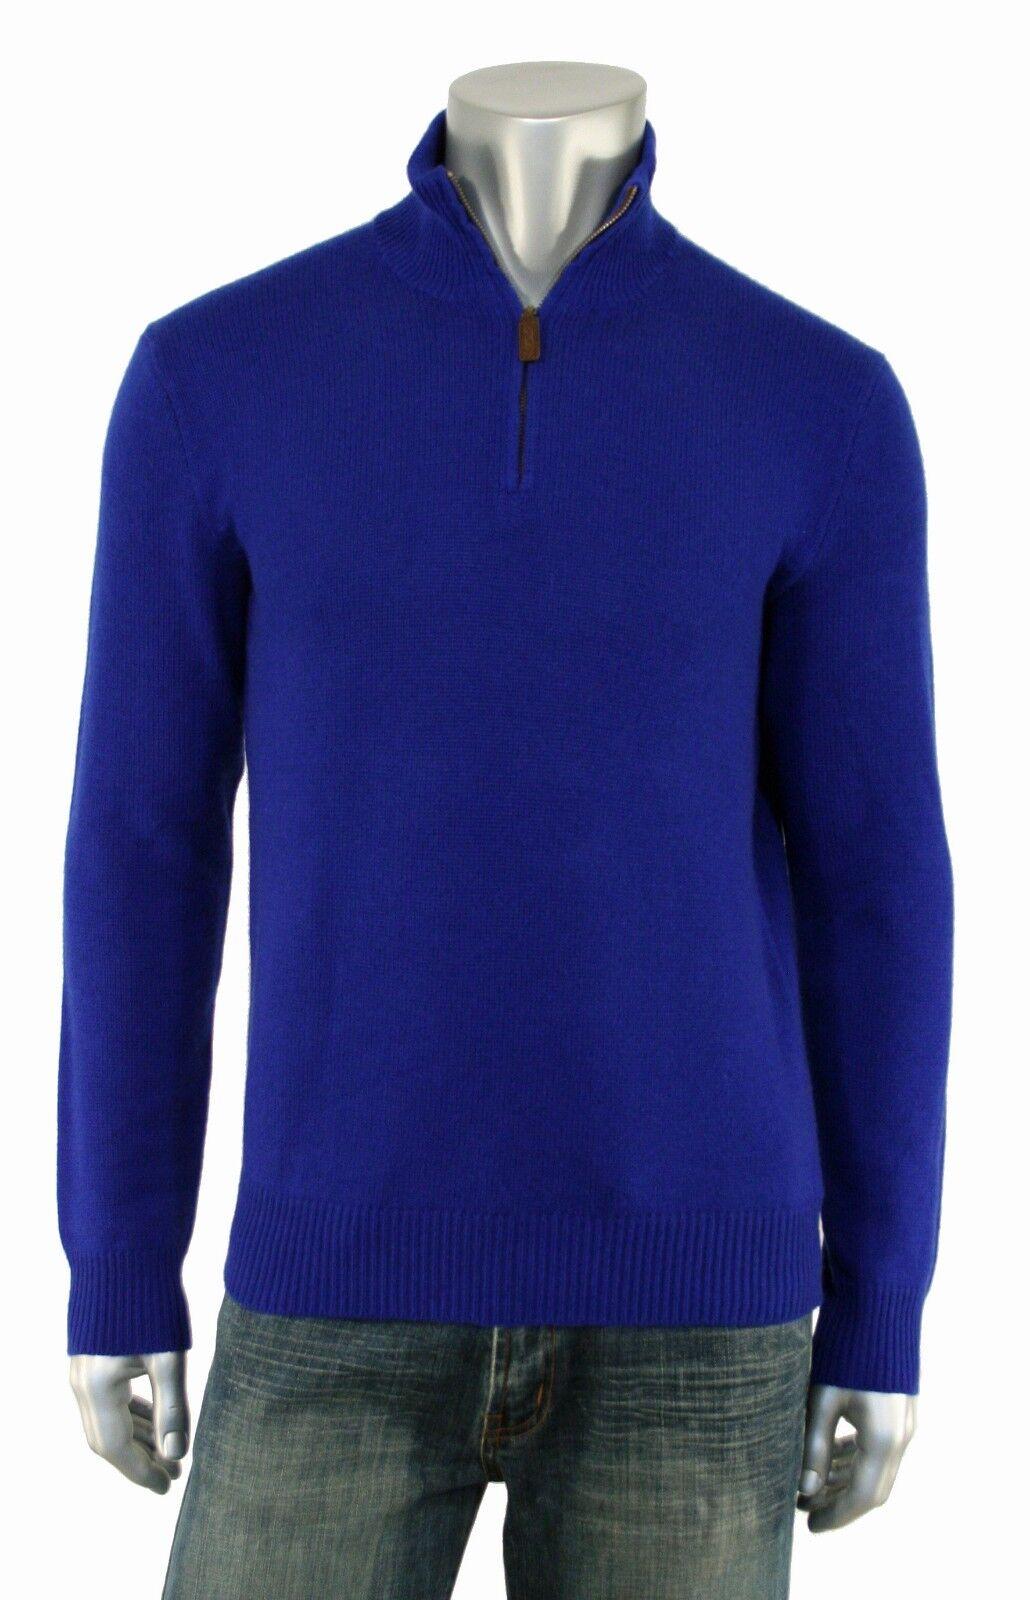 Ralph Lauren Polo bluee Half Zip Cashmere Sweater S New